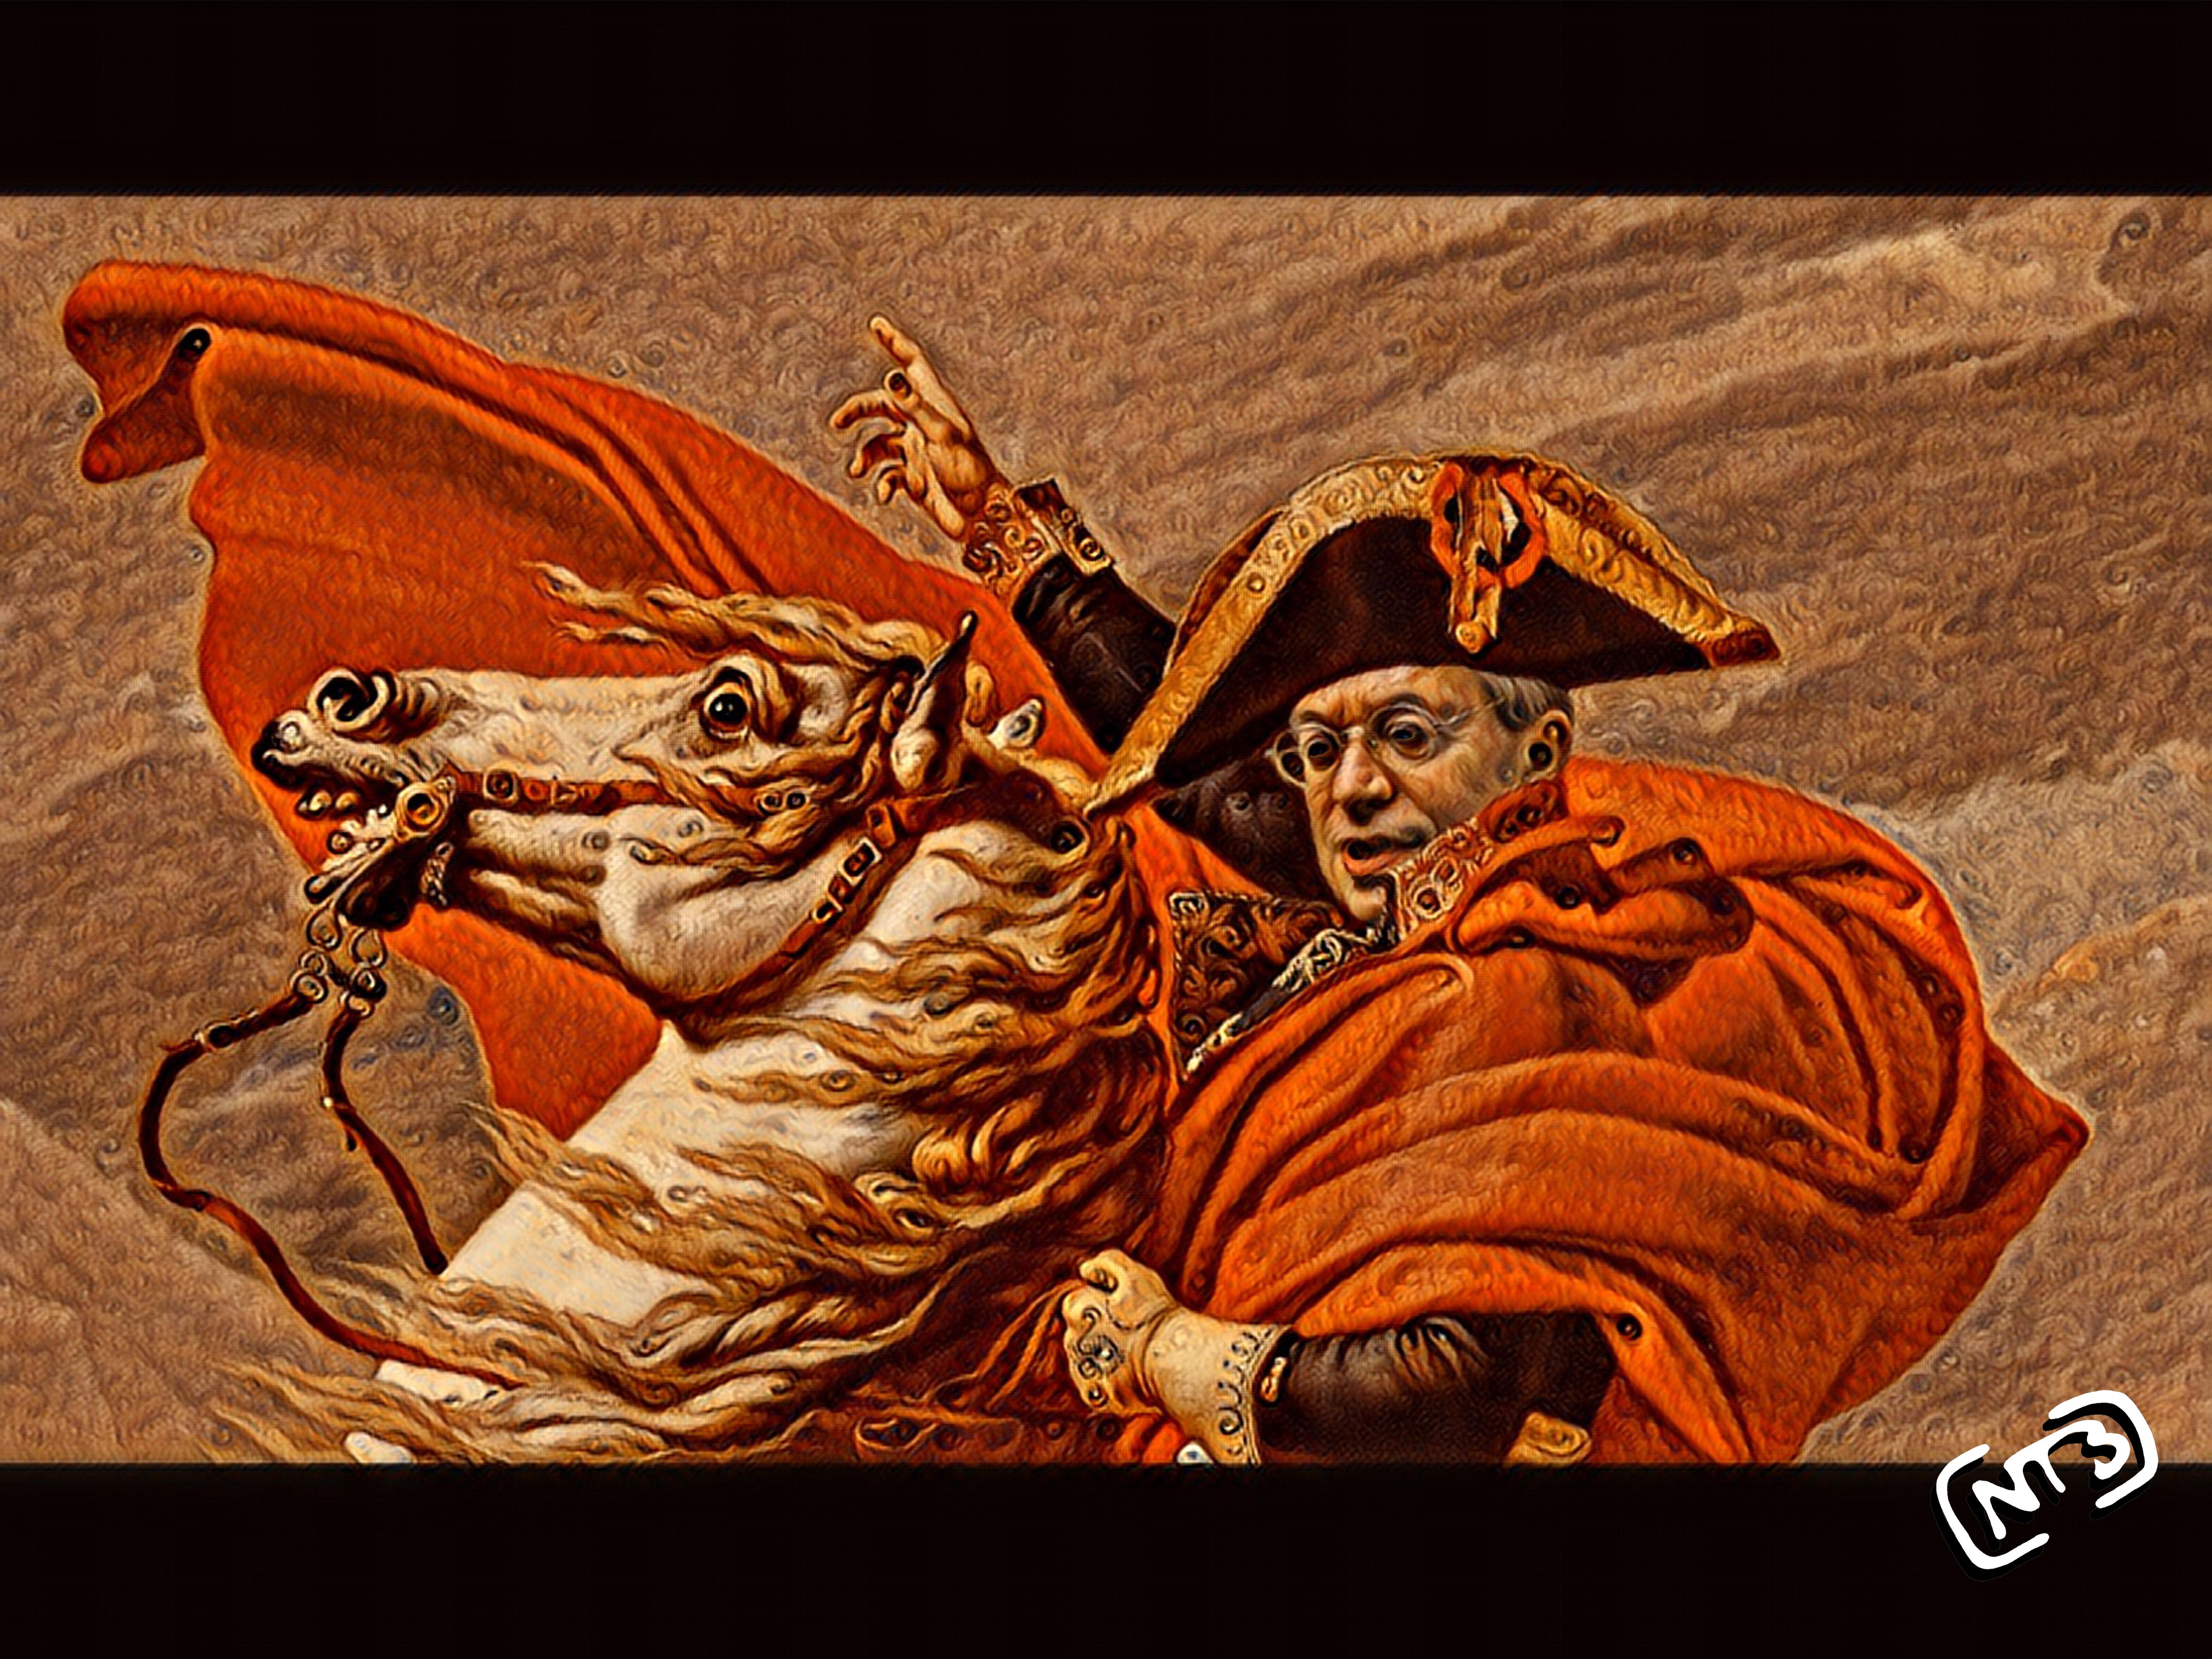 Philippe Marini Napoleon NikkoTaB